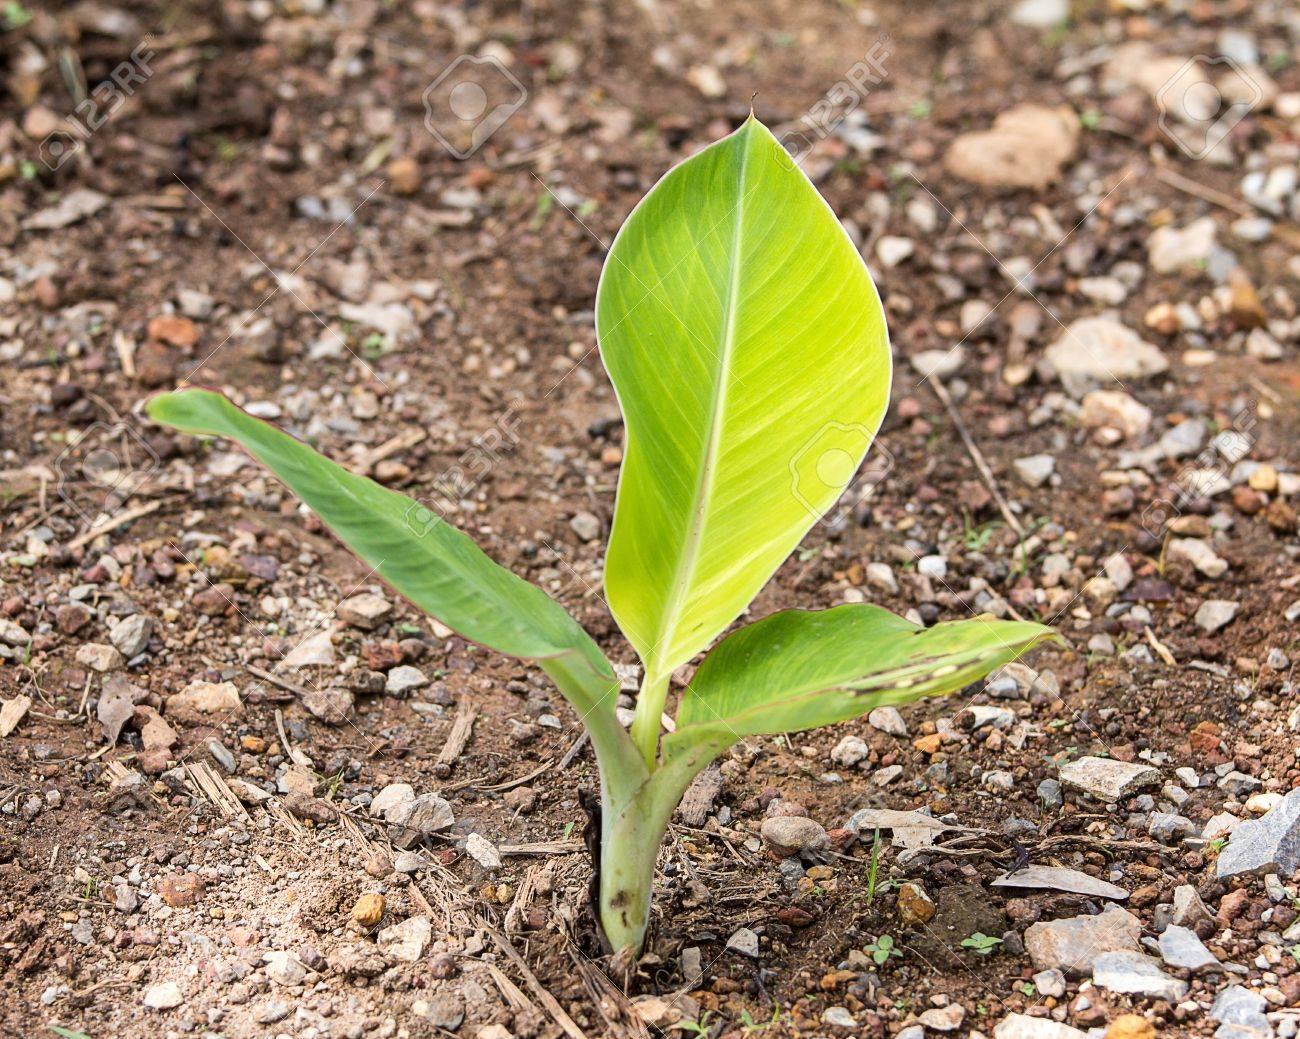 Pianta Di Banana Foto piante di banane sono utili negli alimenti. può essere assunto per via  orale. oppure fare molte altre cose.